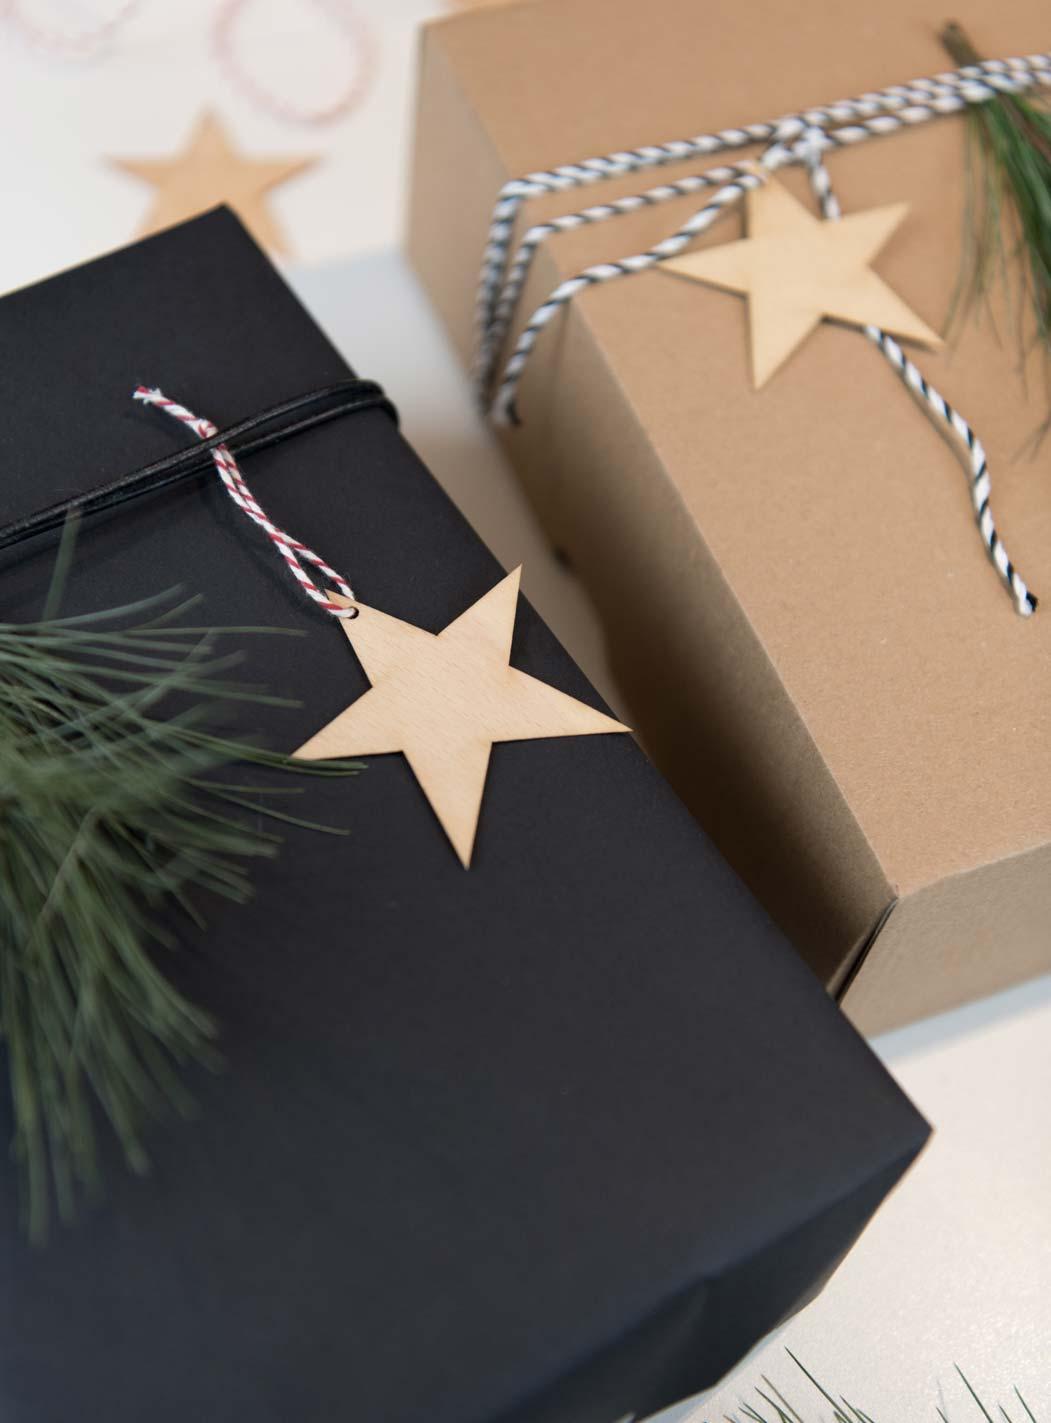 Geschenke verpacken mit schwarzem Geschenkpapier